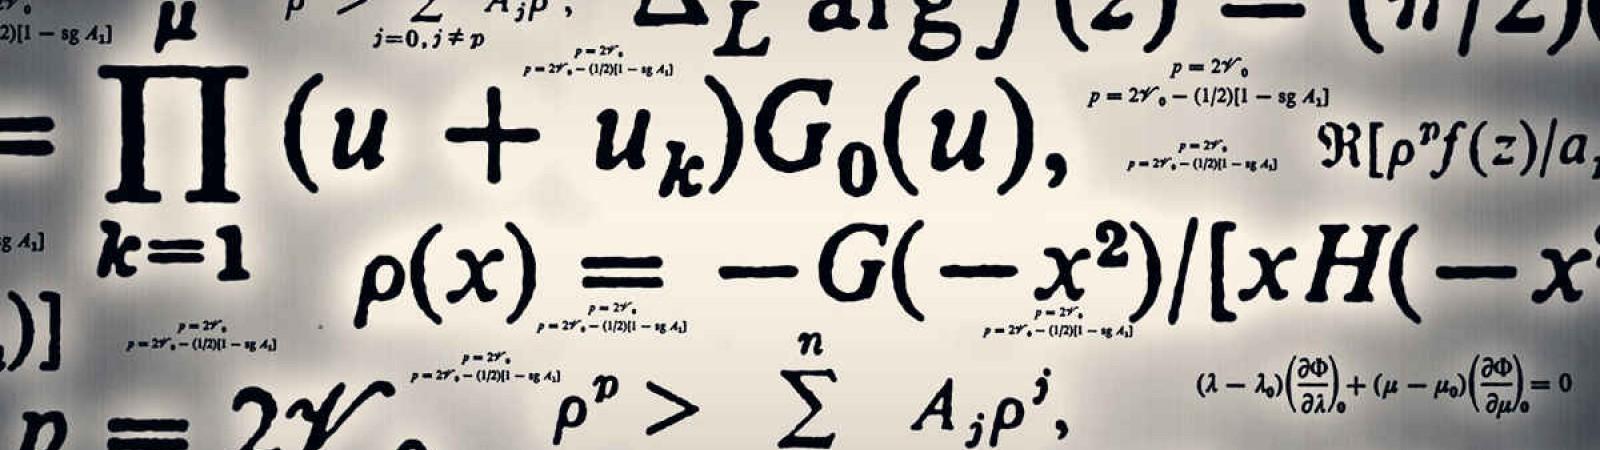 Corso Online di Matematica per le Superiori